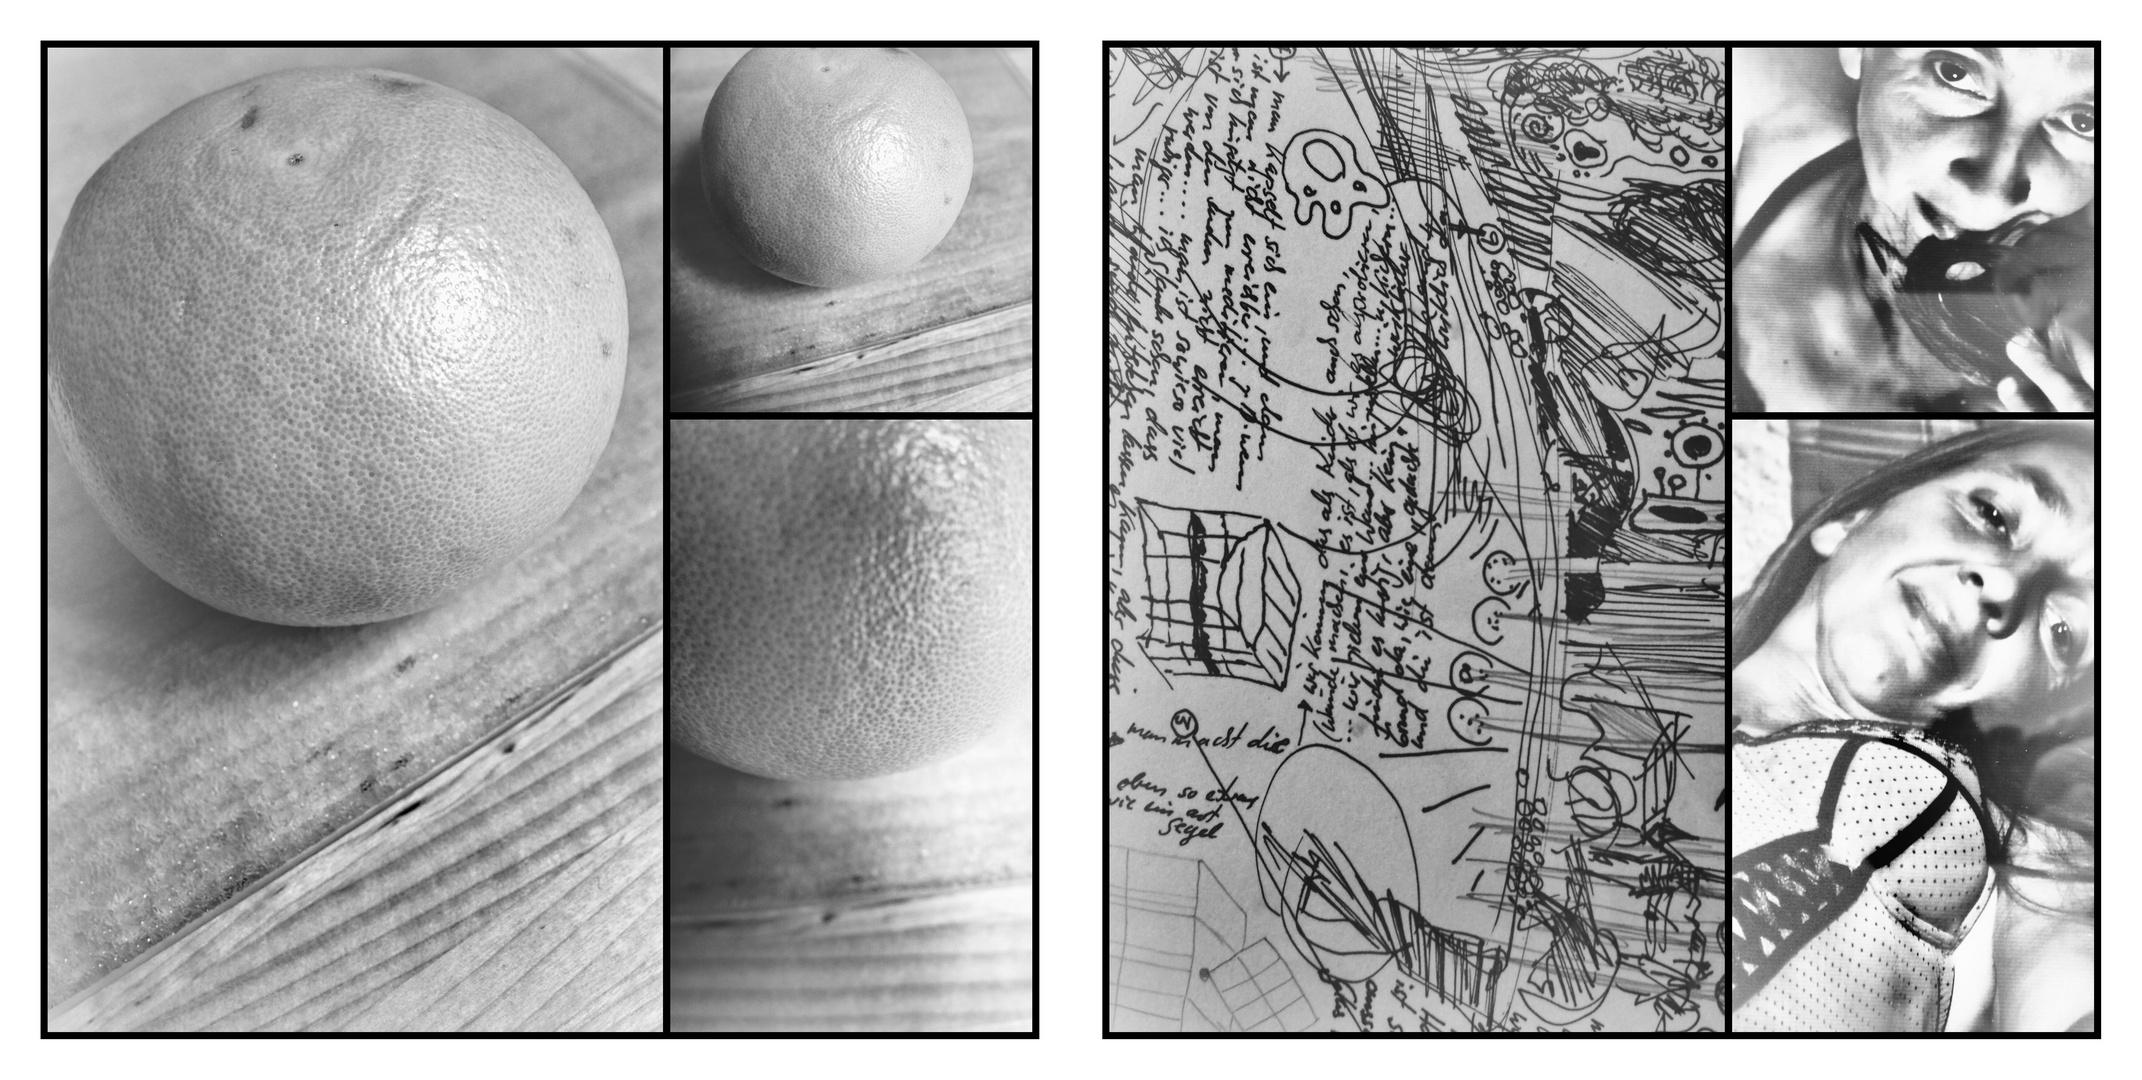 Minette Goldberg Tagebuchauszug - Zitronenlicht